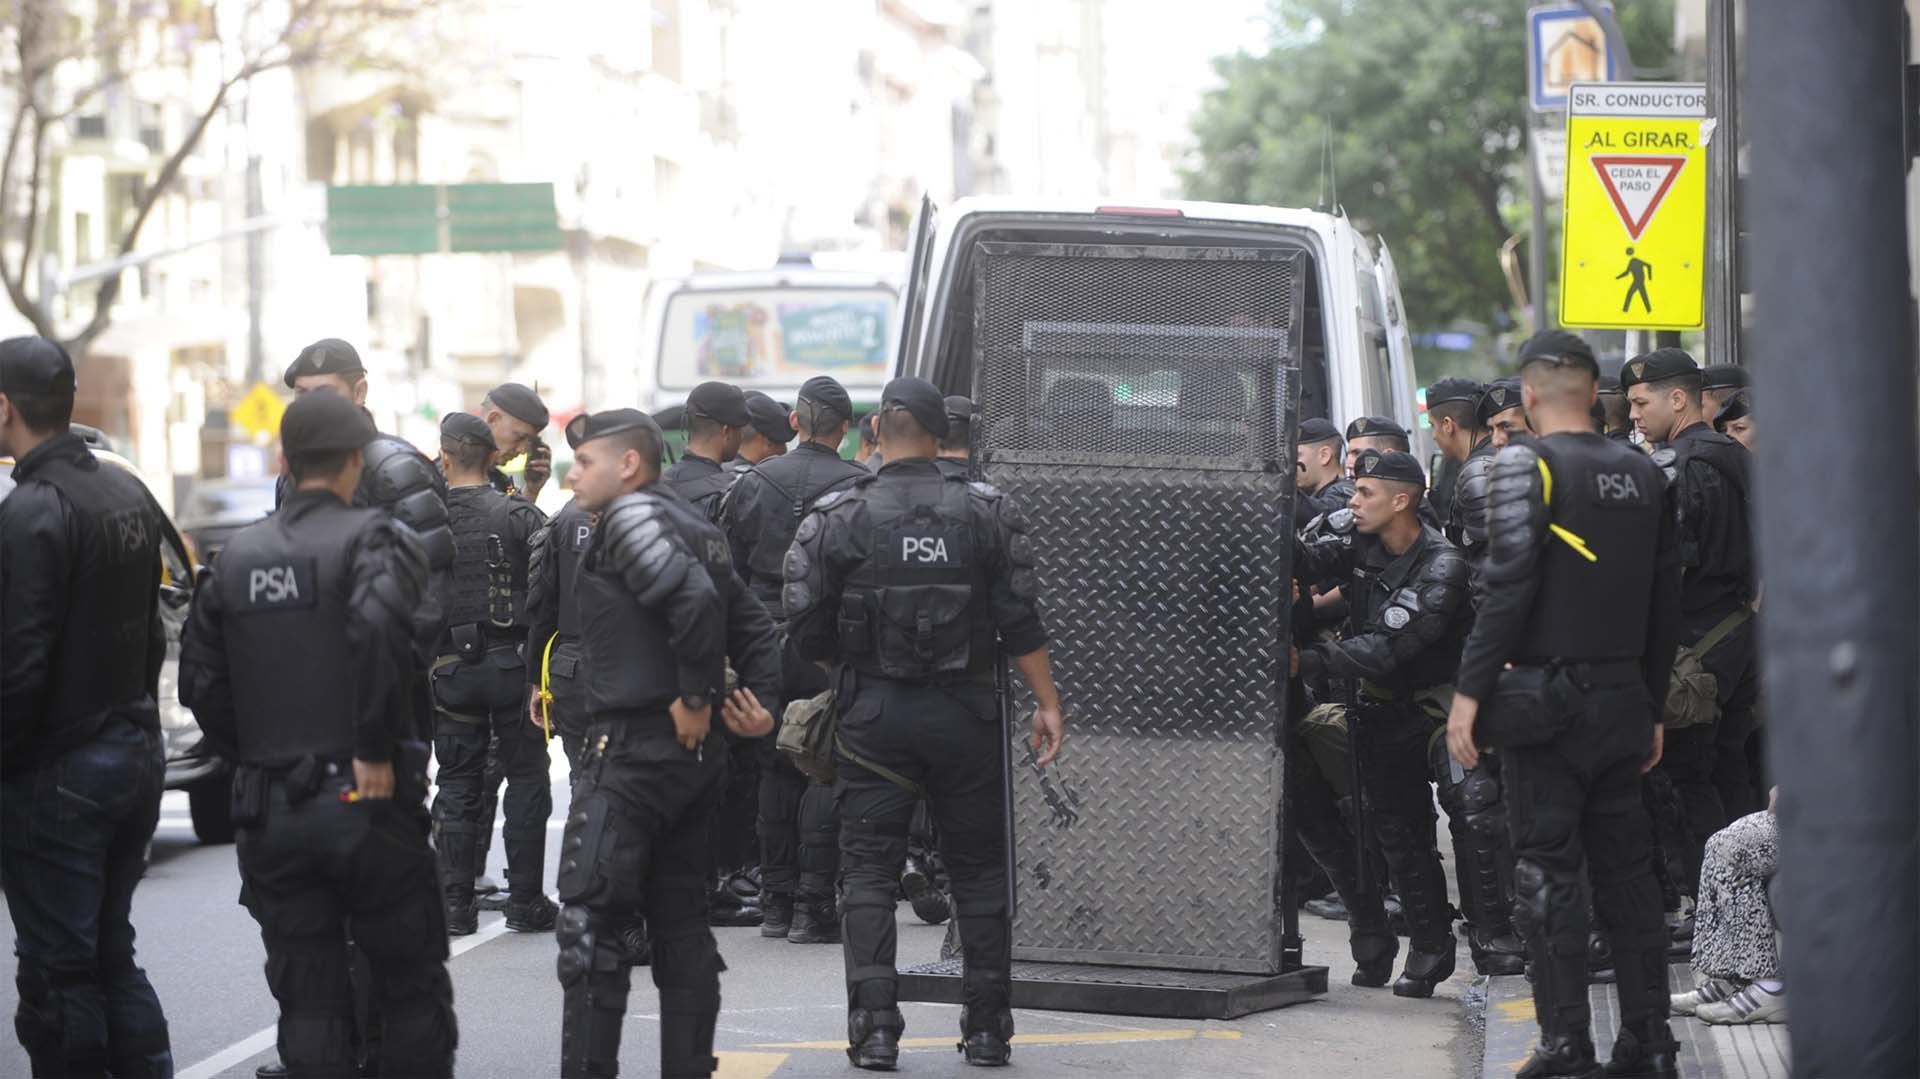 La PSA emplaza un vallado: hay mil efectivos de fuerzas de seguridad en Plaza Congreso.